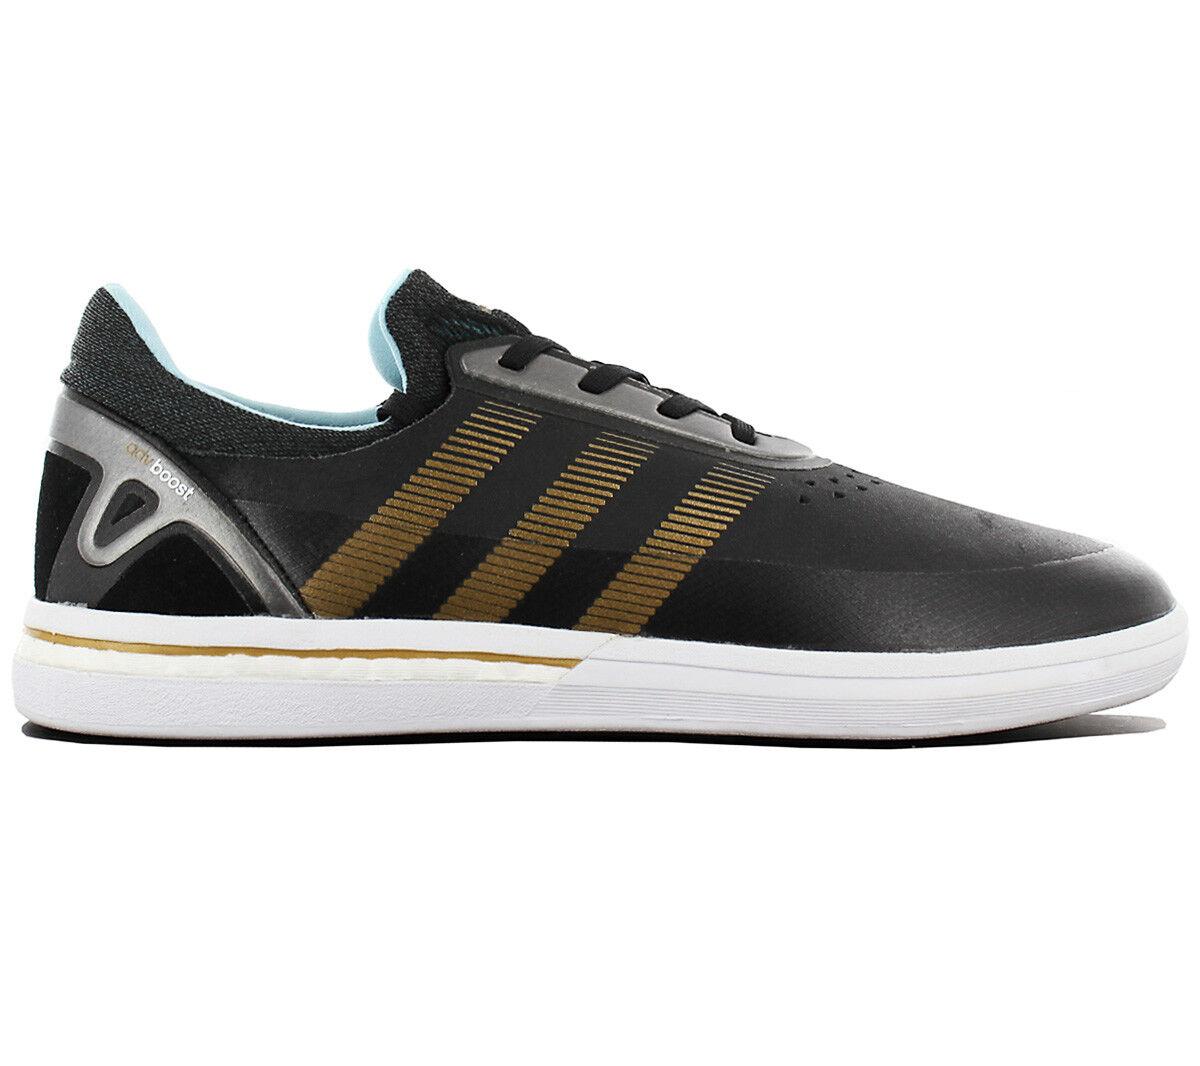 Adidas Skateboarding Adv Boost Skate Zapatos Hombre Zapatillas de Skate Boost D69243 Nuevo 81147e